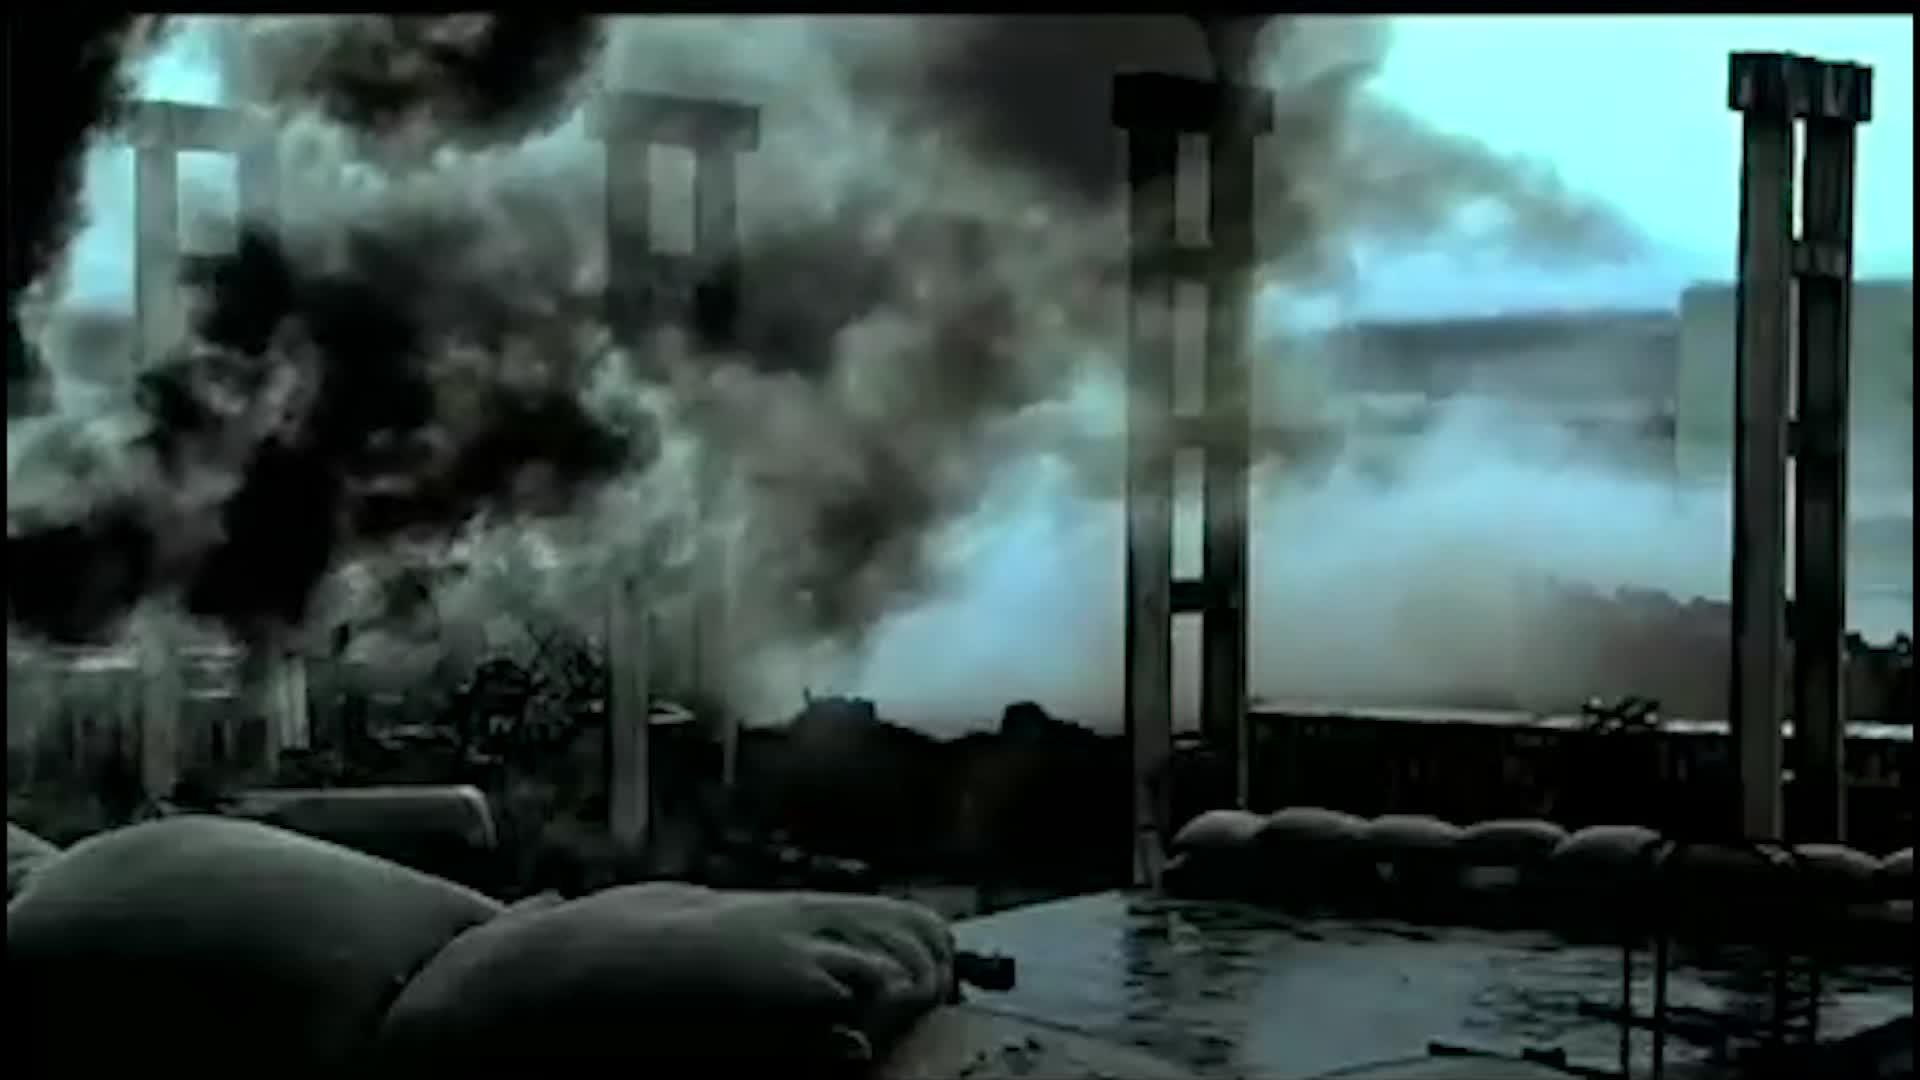 打仗现场炮火连天,双方打的很激烈,伤亡惨重